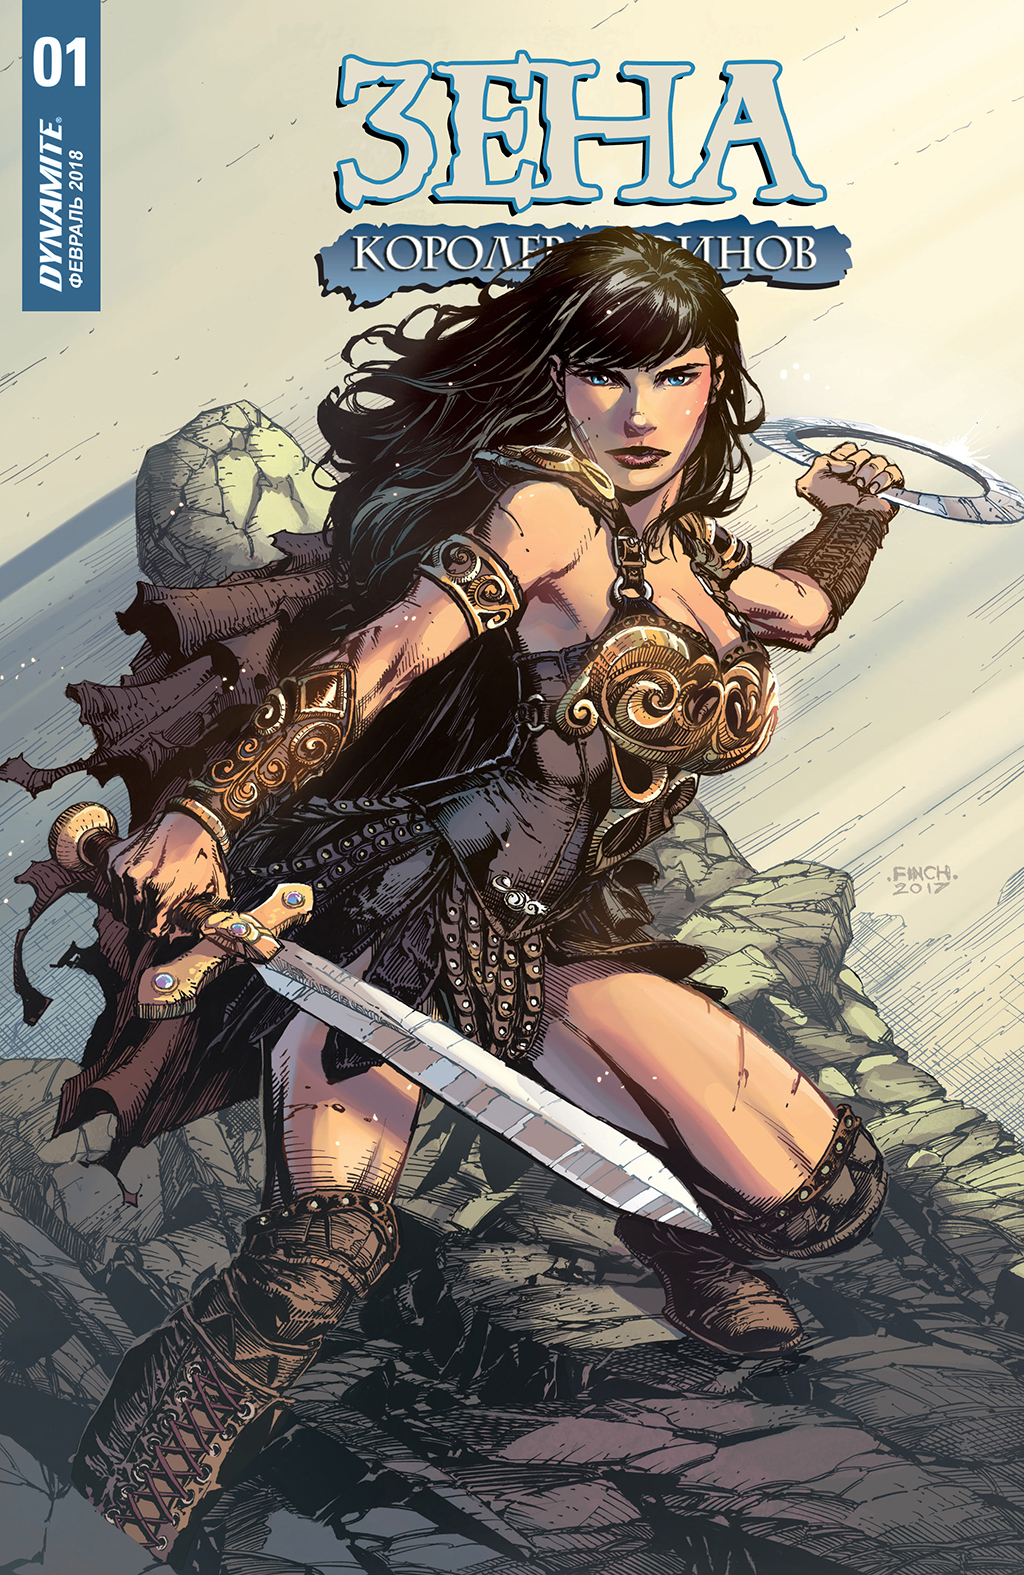 Комикс Зена - Королева воинов 2018